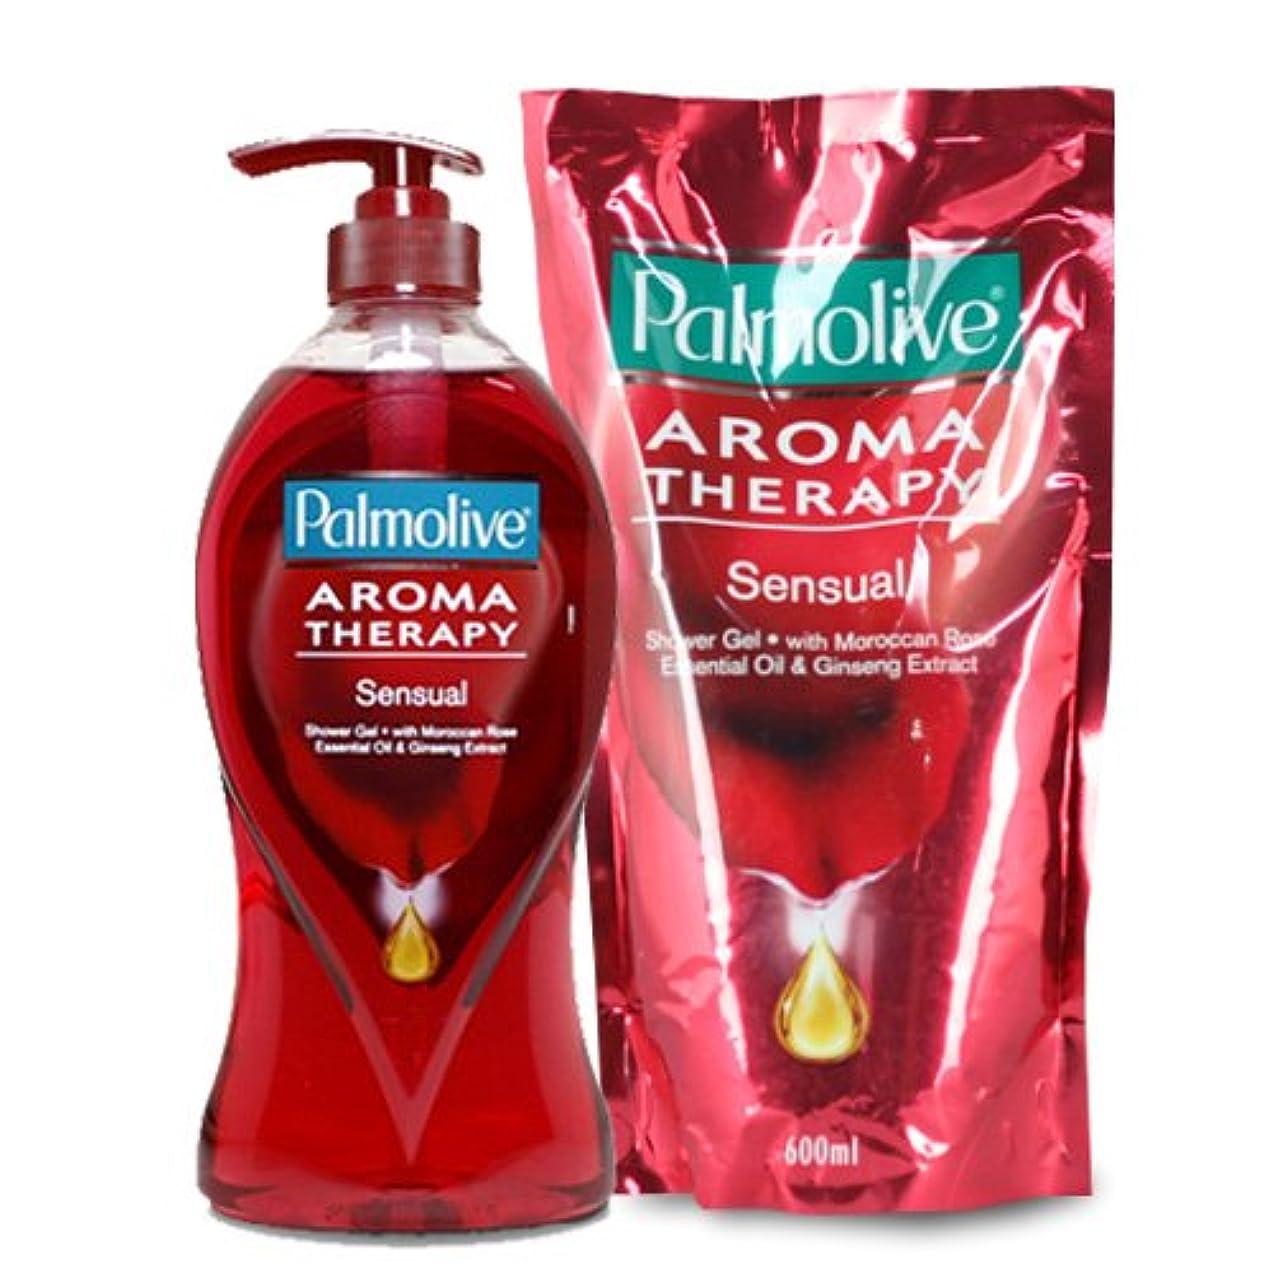 安心驚かす【Palmolive】パルモリーブ アロマセラピーシャワージェル ボトルと詰め替えのセット (センシャル)